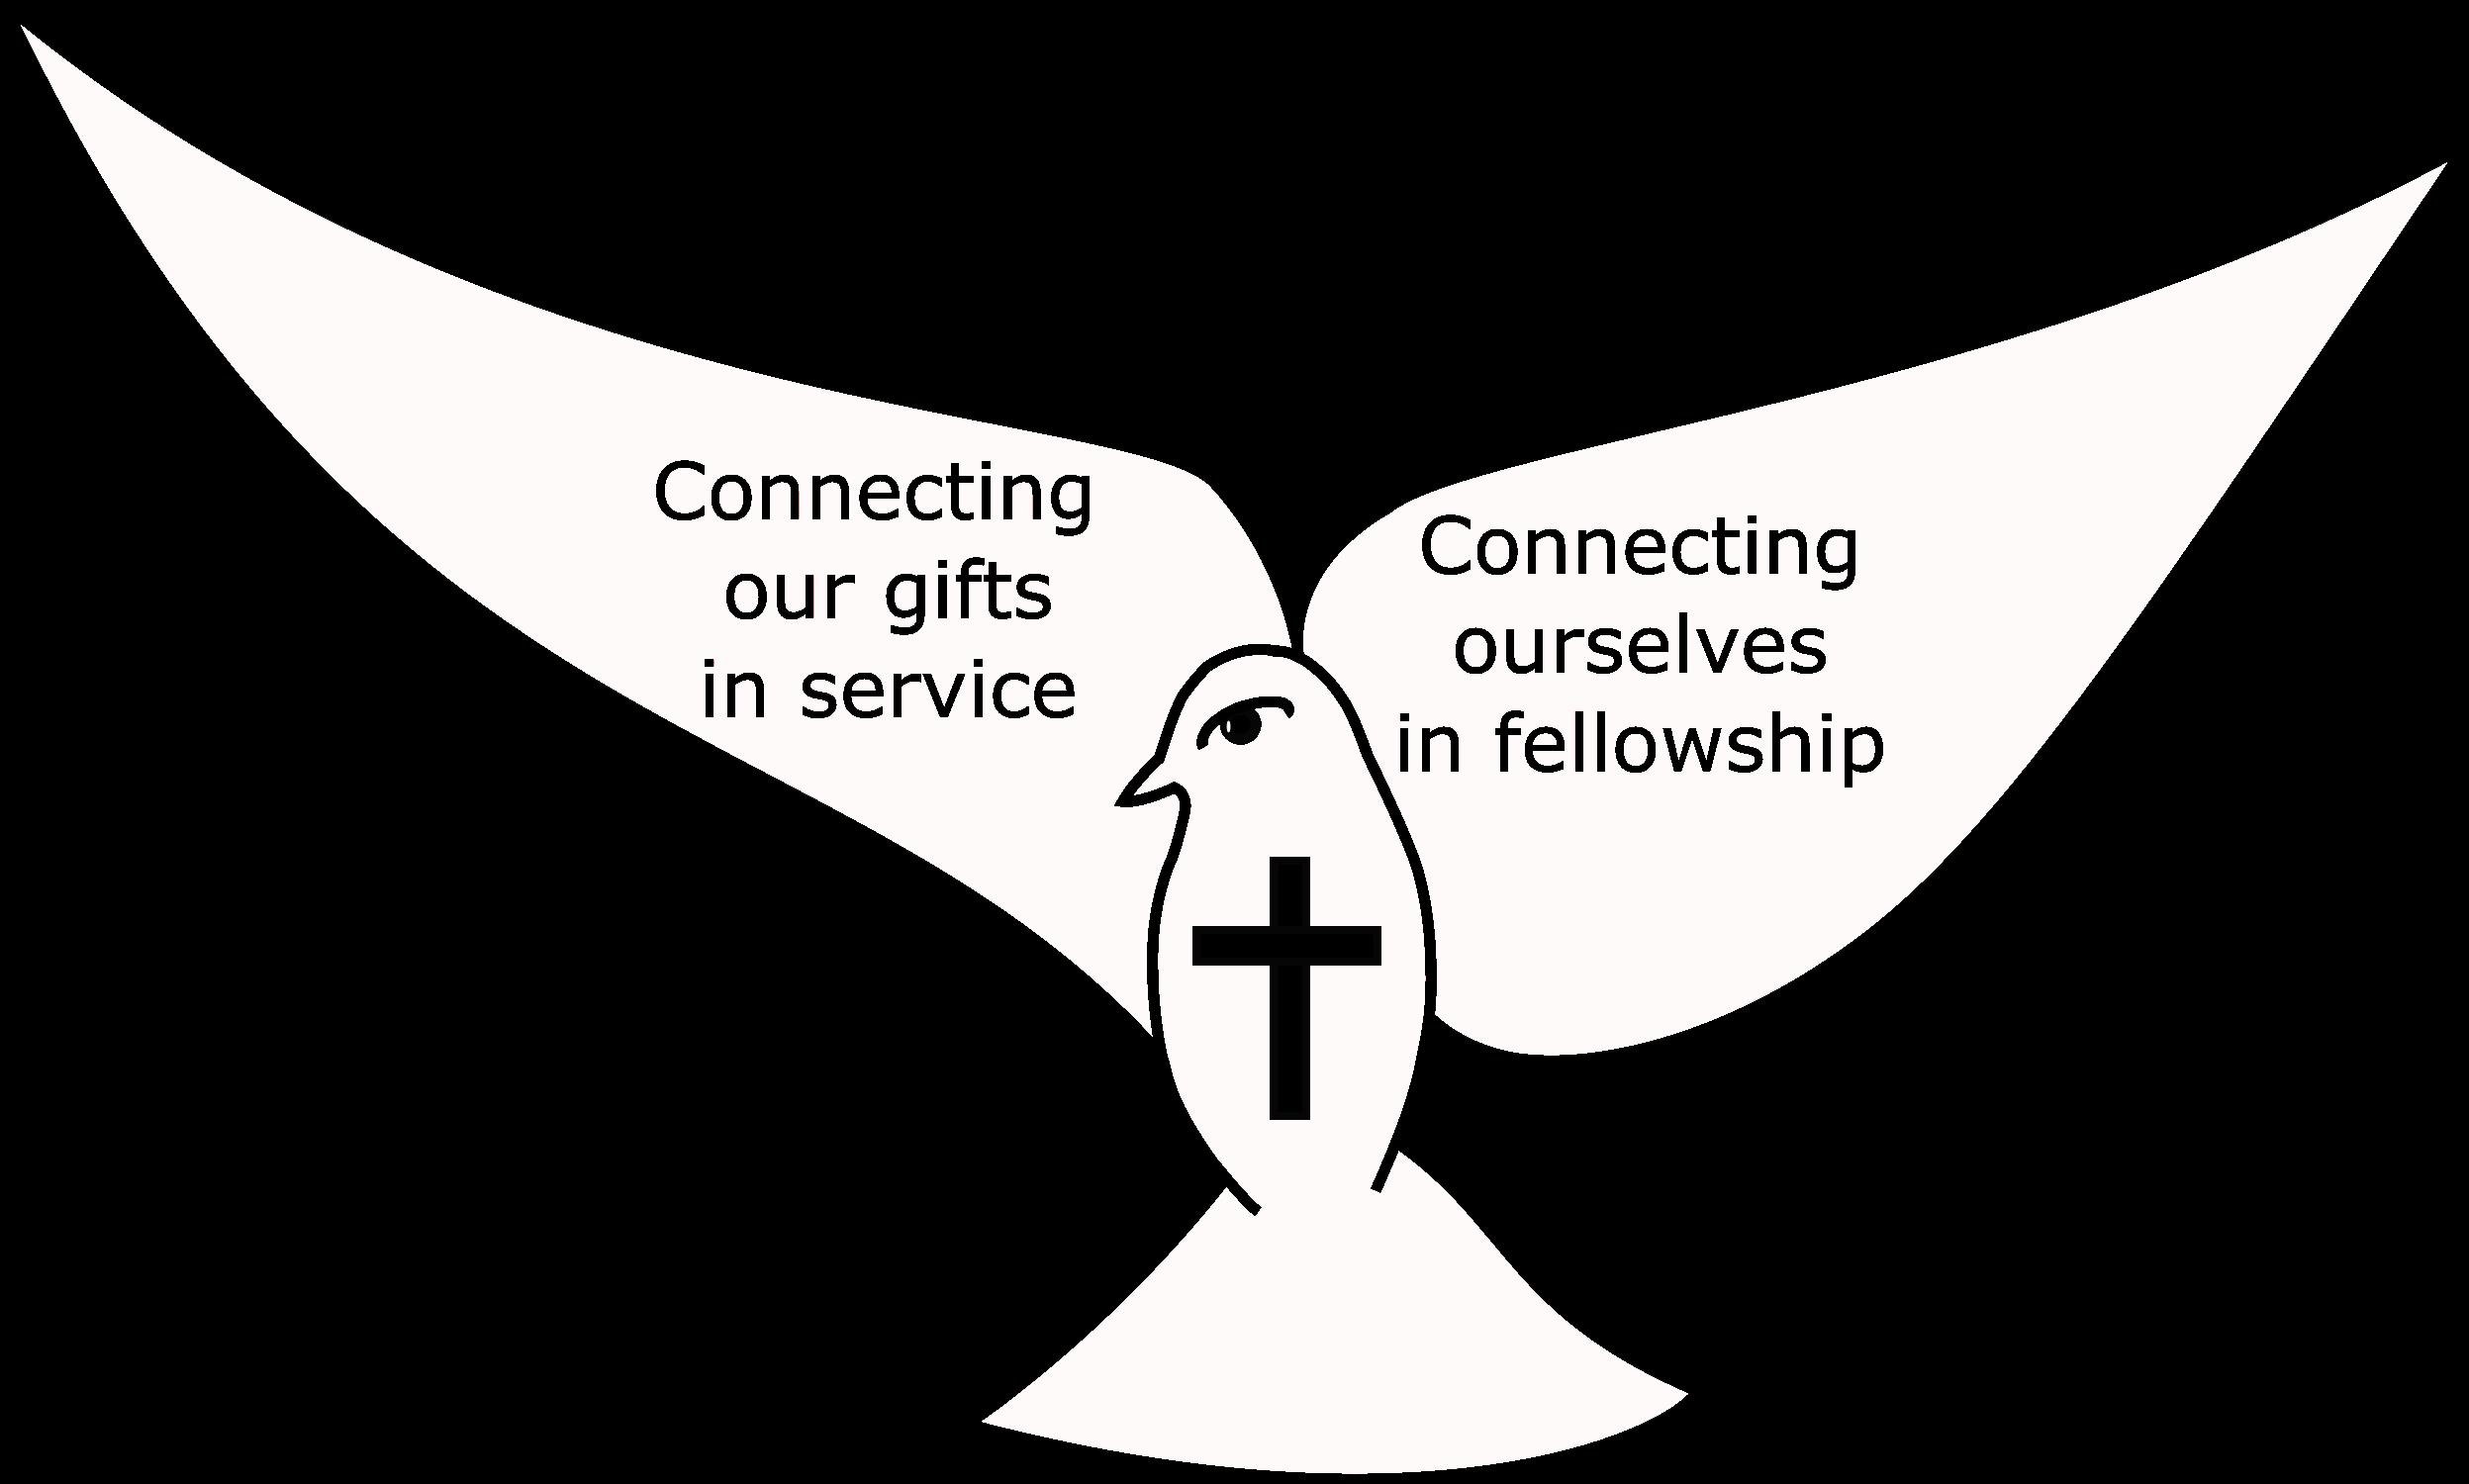 DCFUganda.org  — Matthew 25:35-36